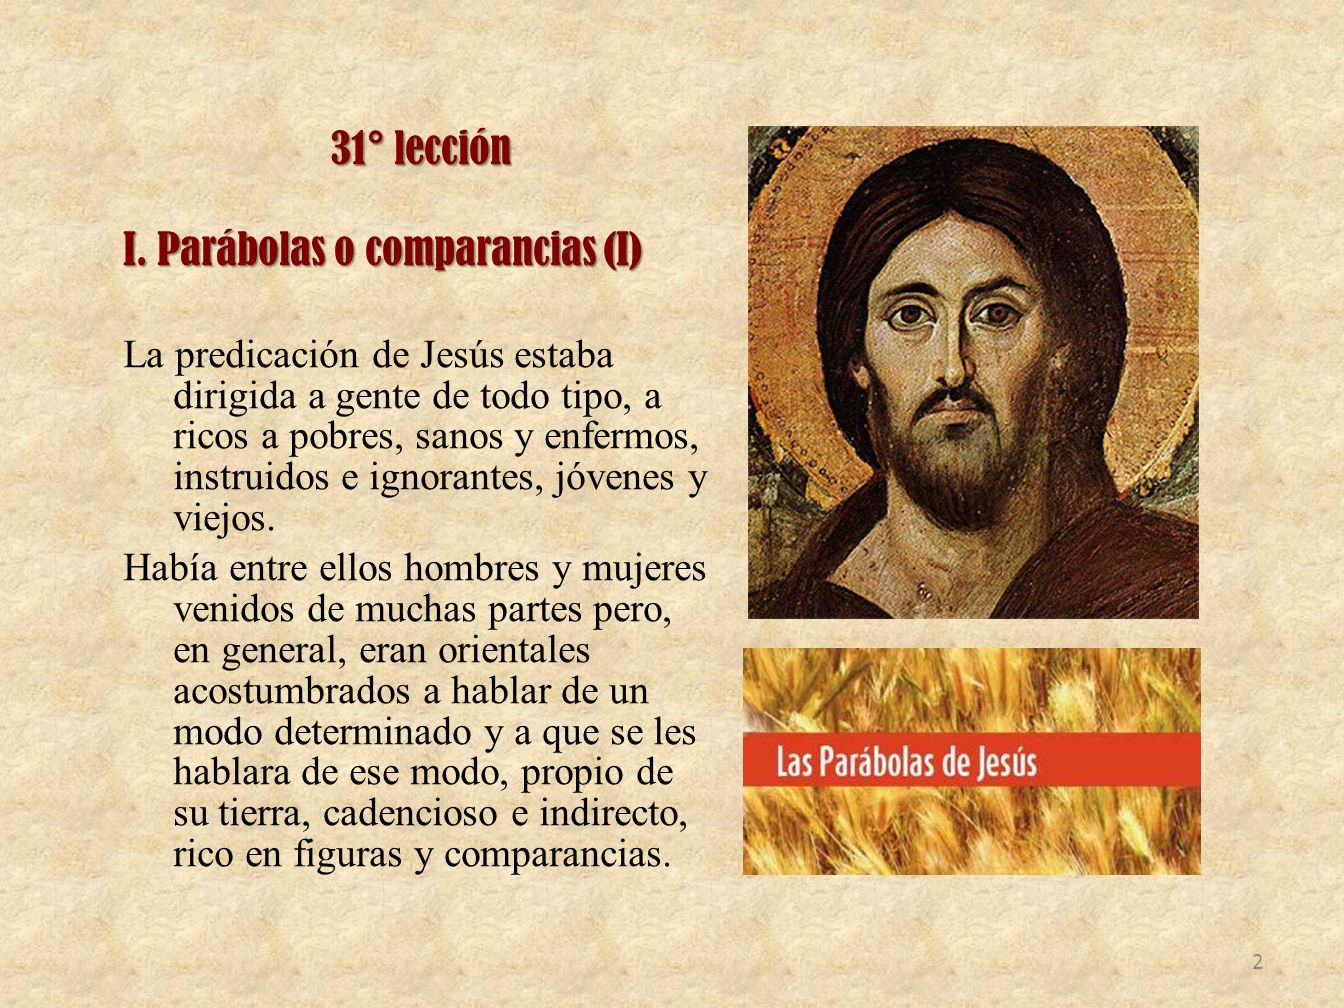 I. Parábolas o comparancias (I)